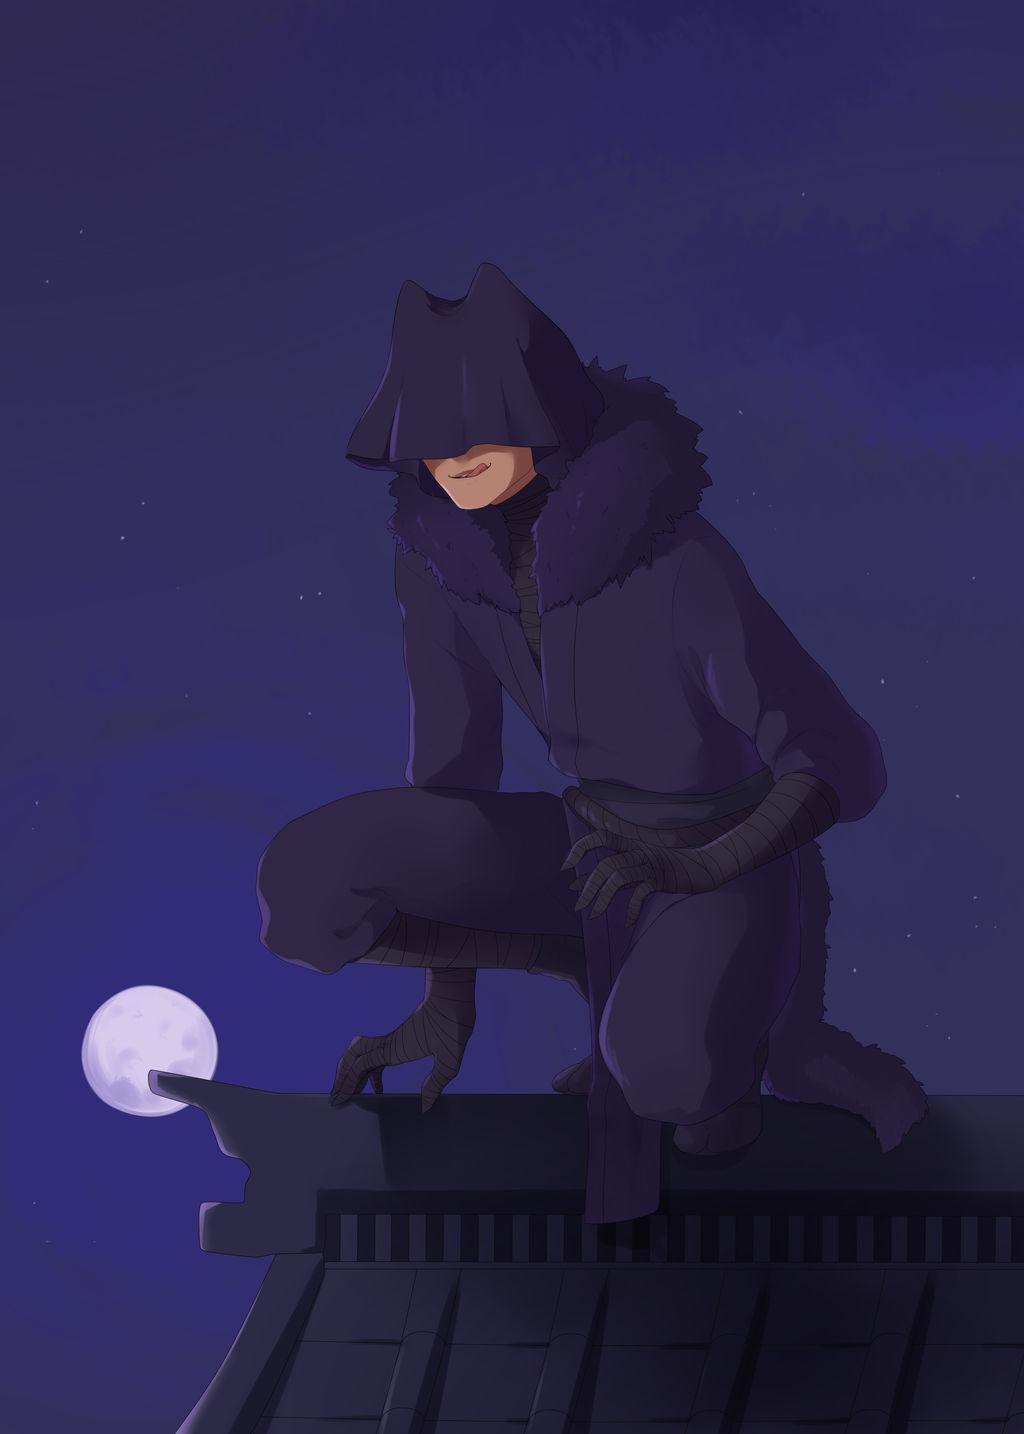 [TG] Night, the world, it's mine by kii-wi